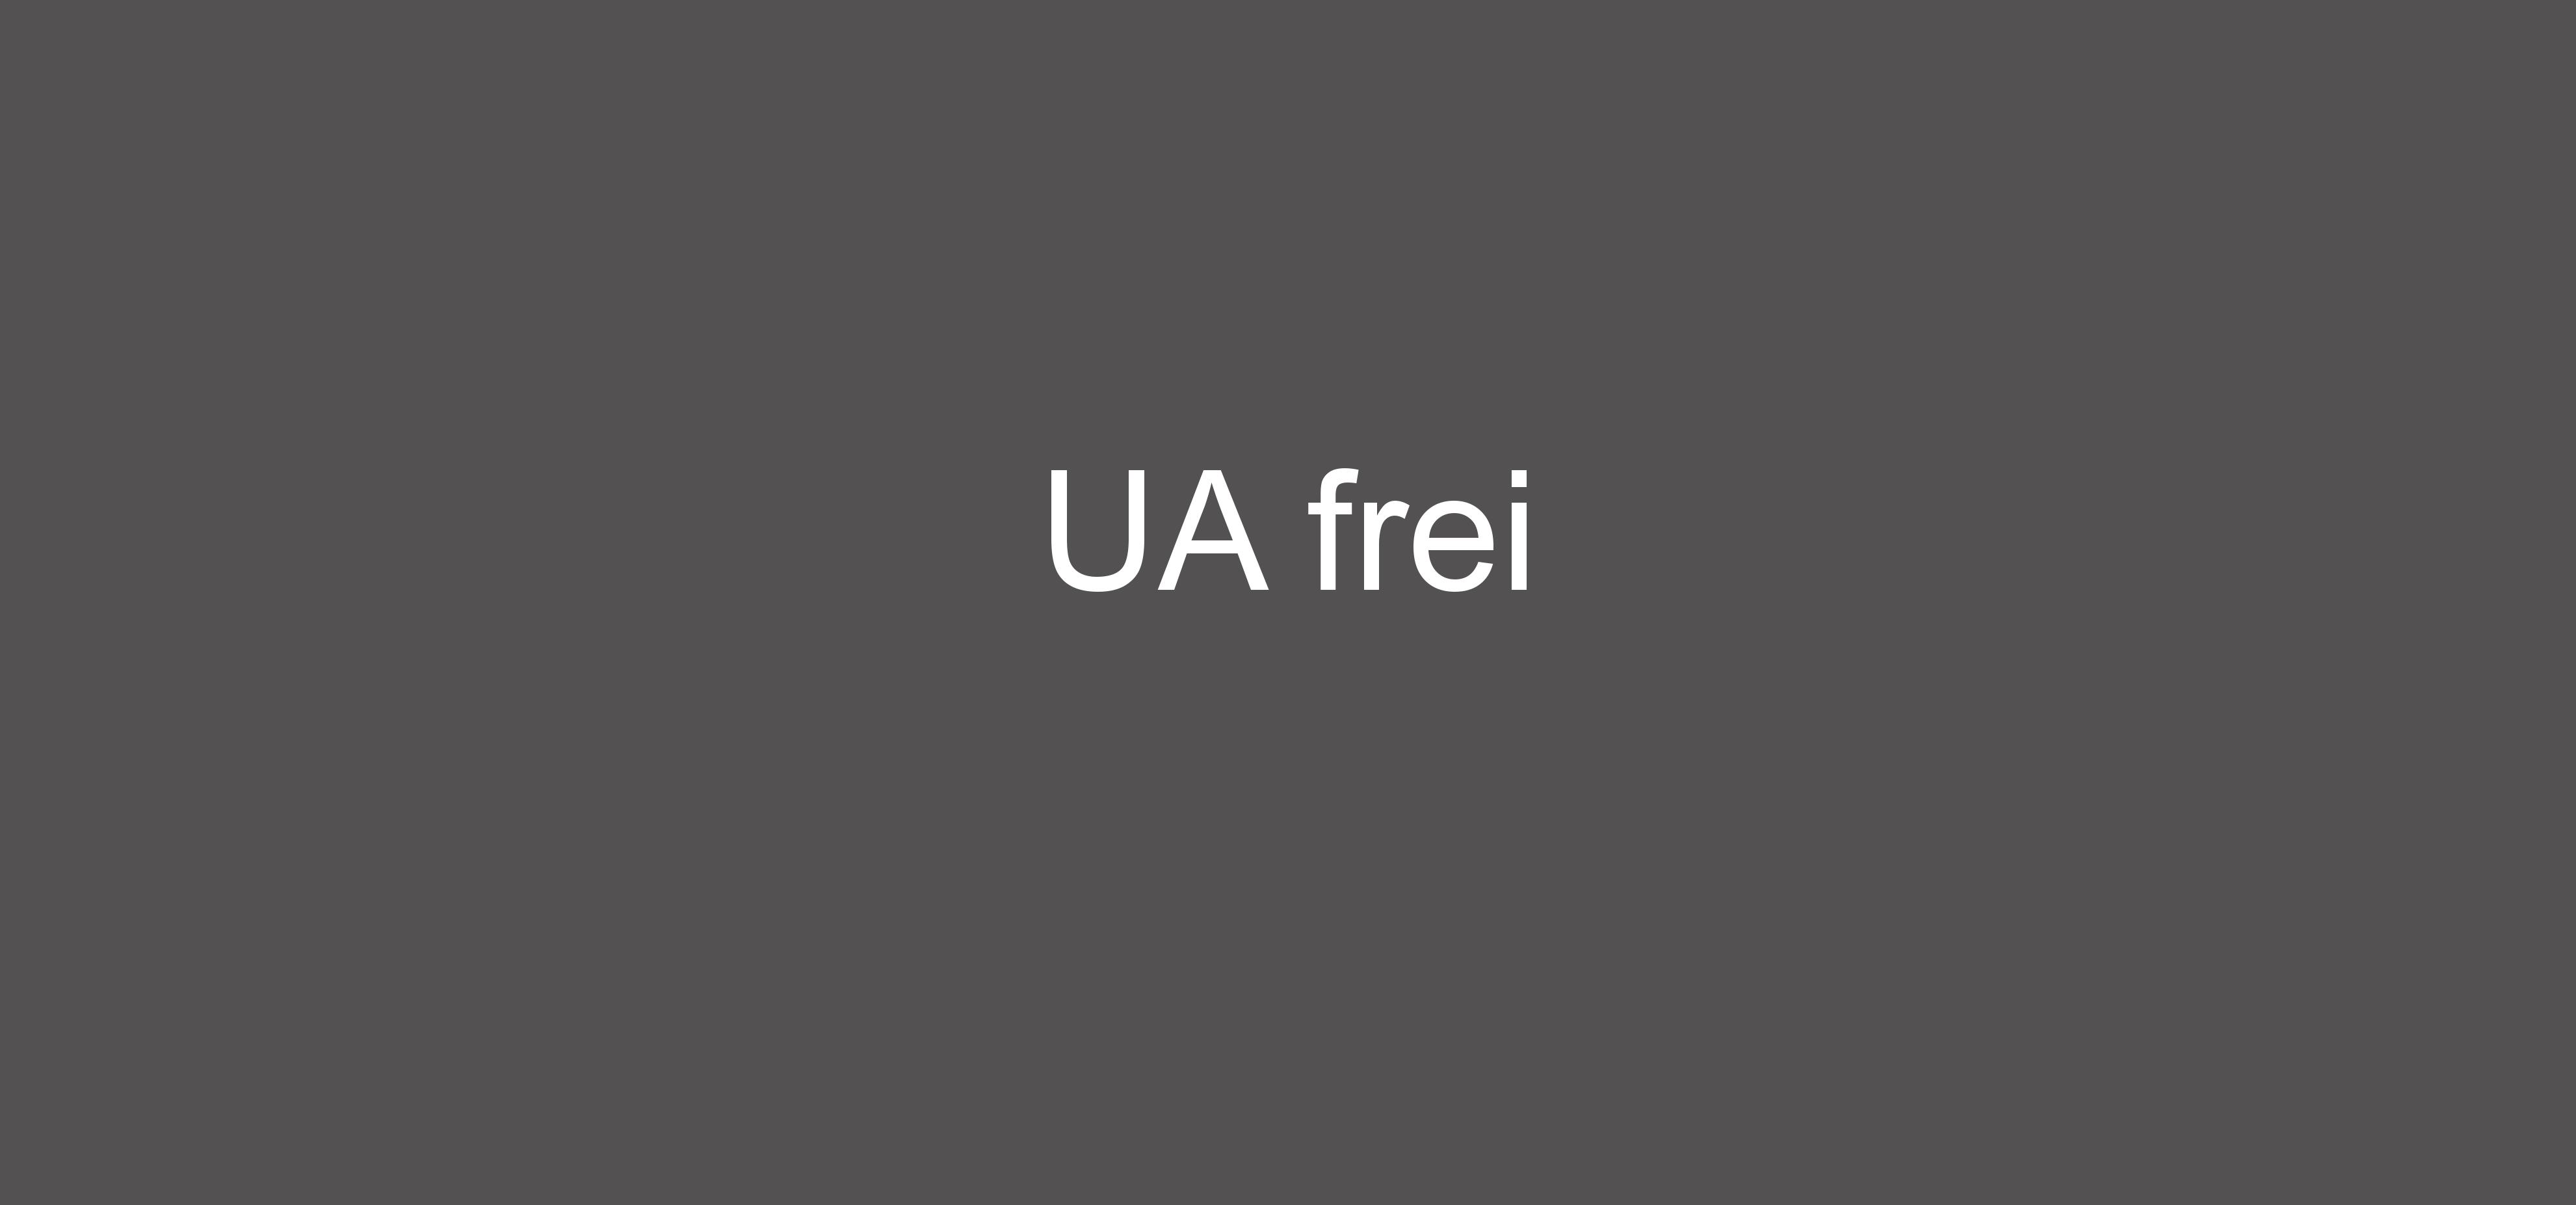 UA frei klein